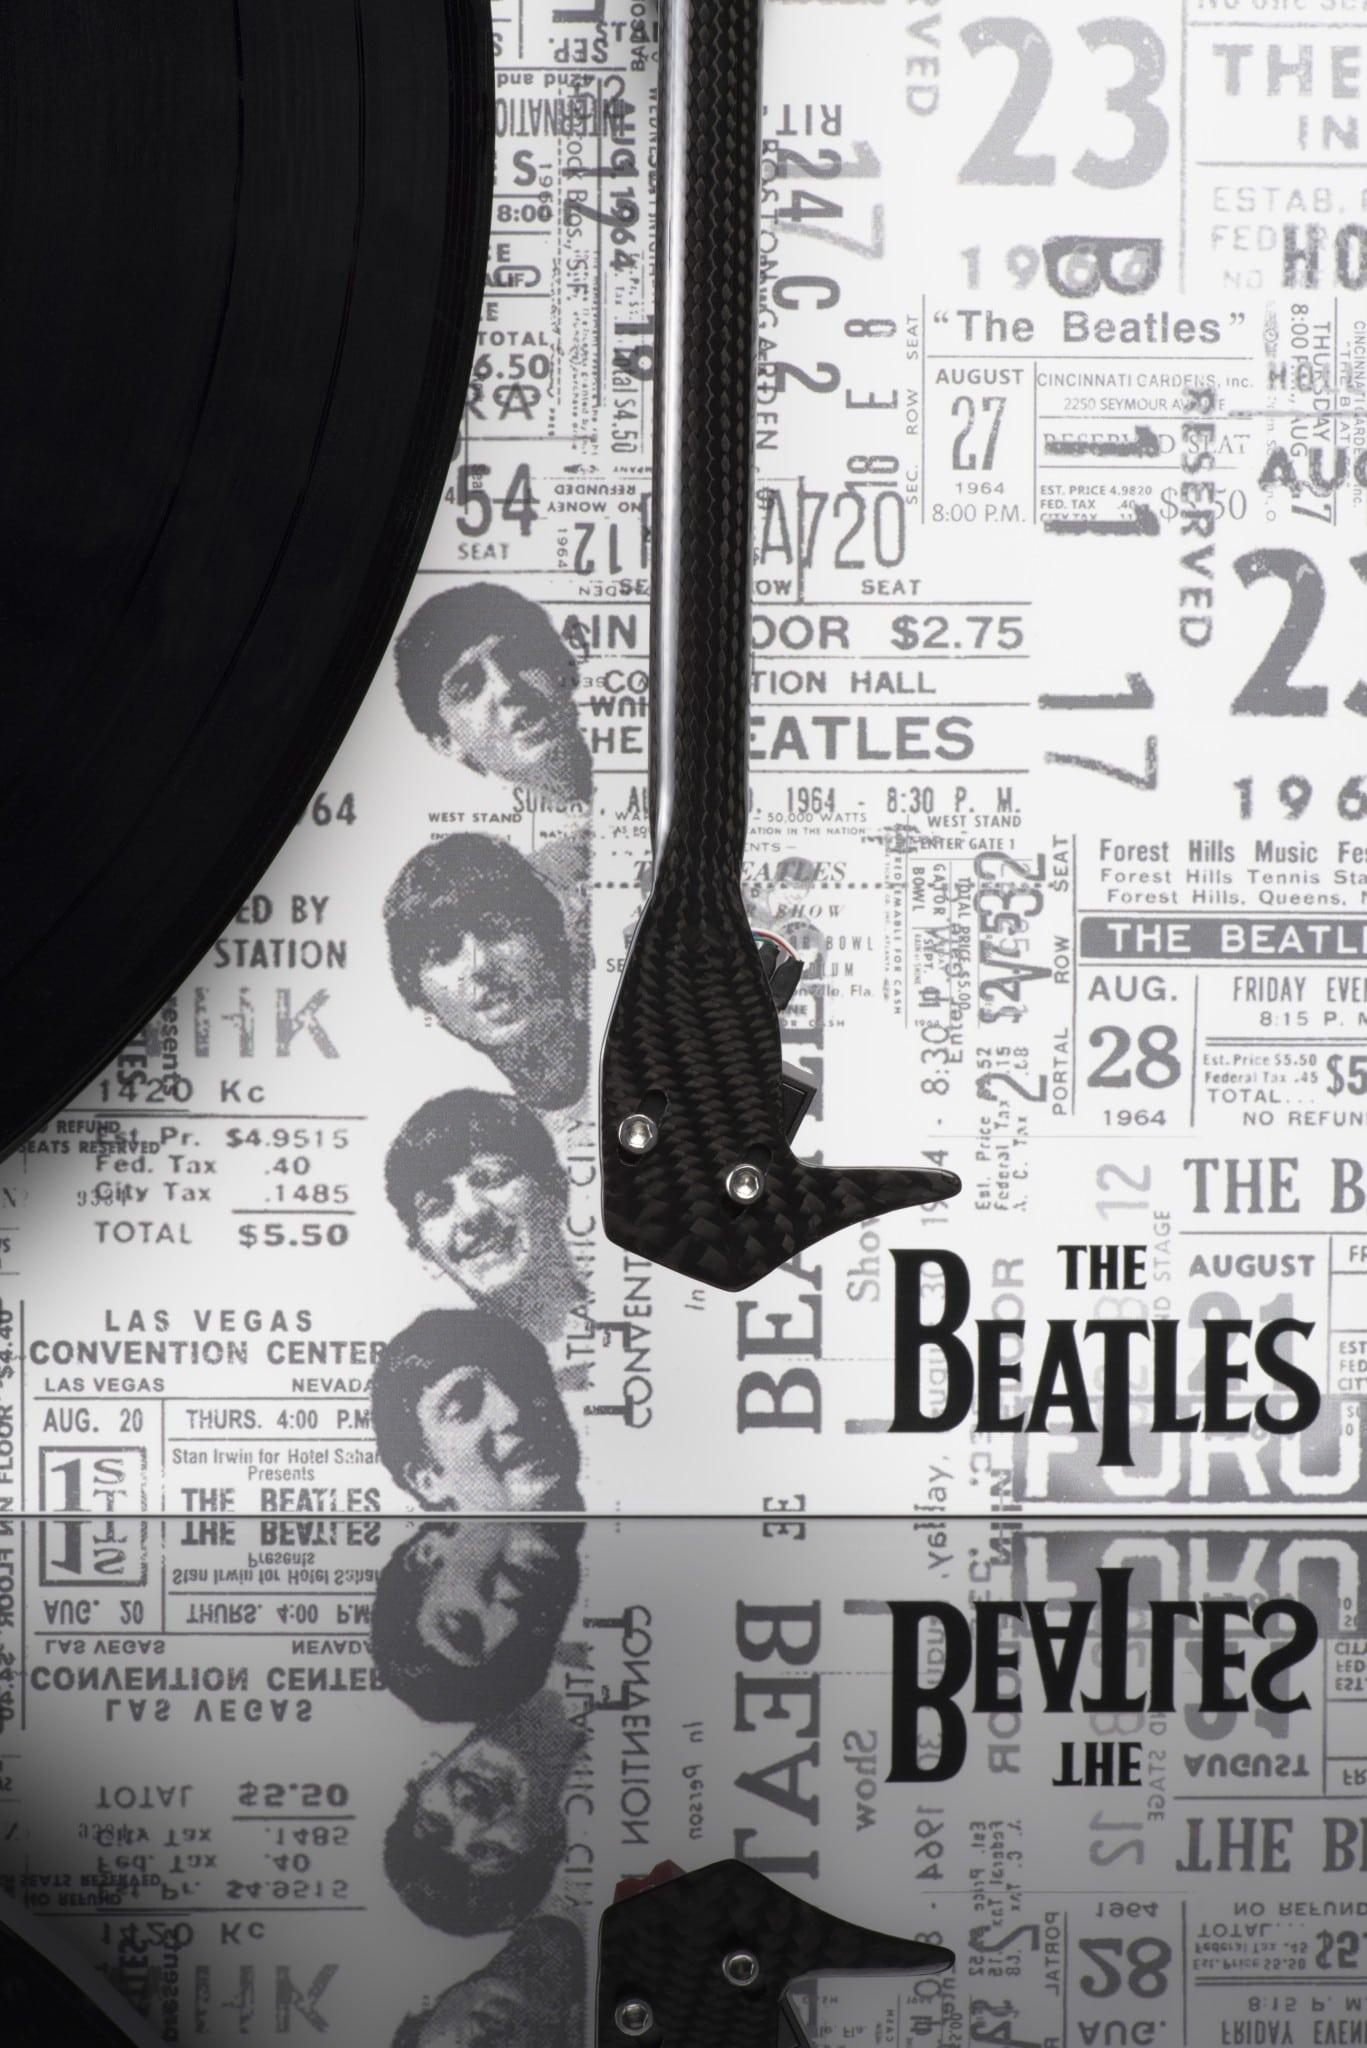 PJ-Debut-Carbon-Esprit-SB-The-Beatles-1964-Recordplayer-arm-print-top-hires